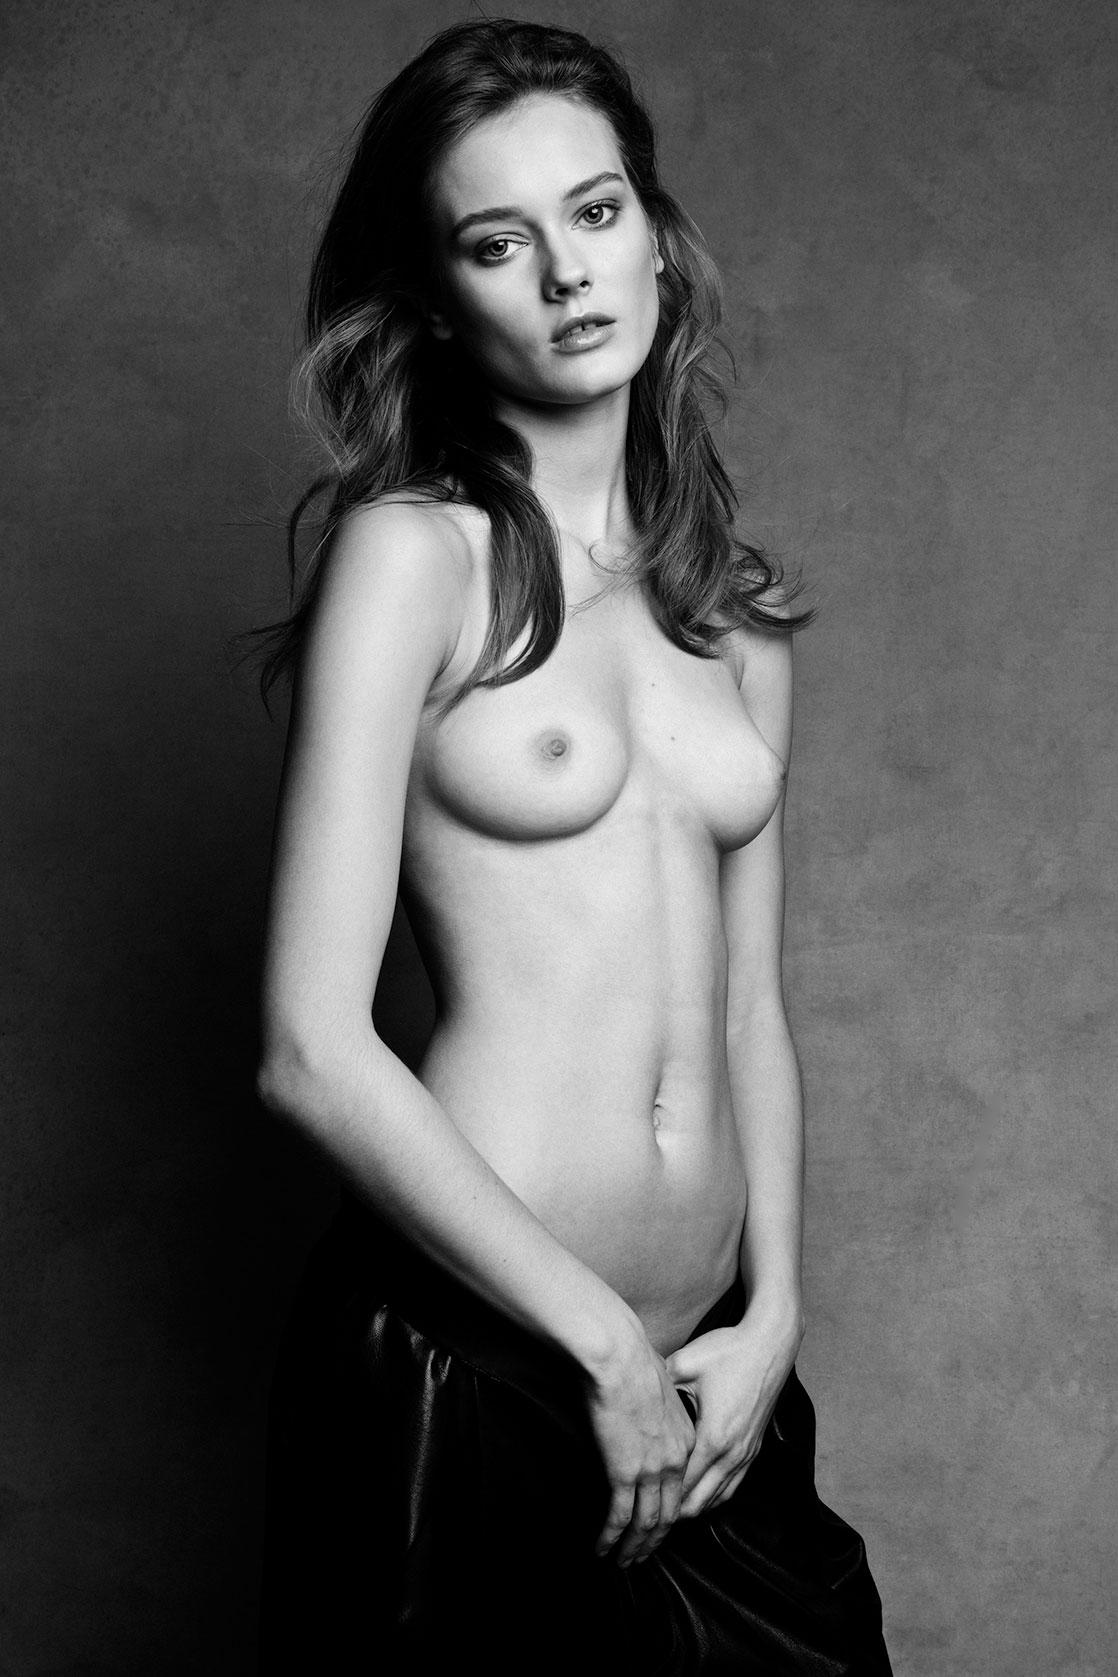 golaya-model-fotki